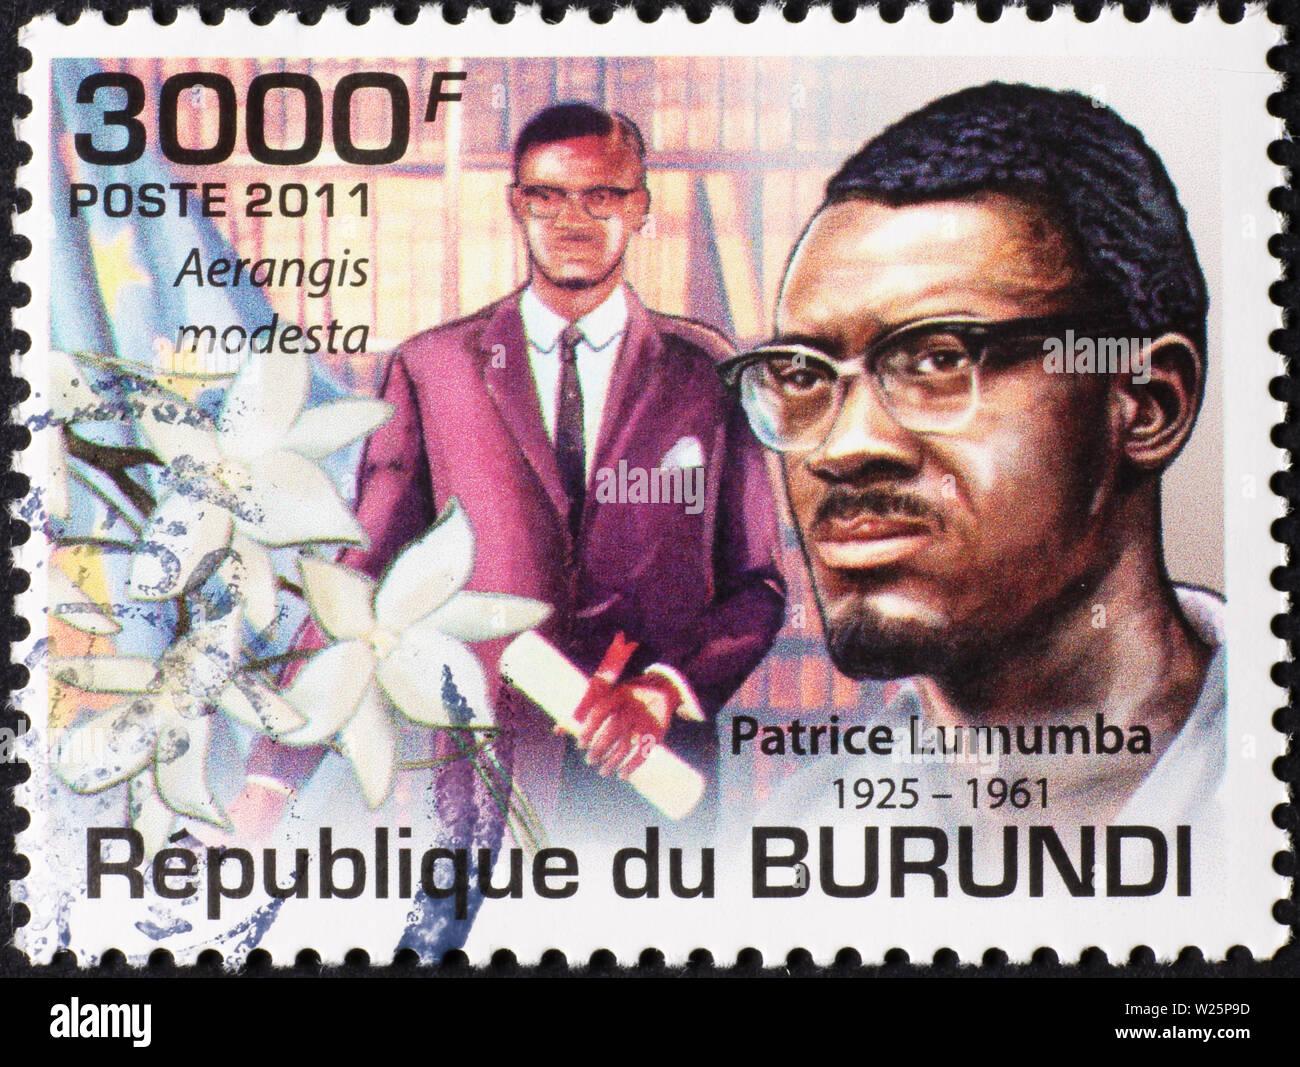 Patrice Lumumba on postage stamp of Burundi - Stock Image